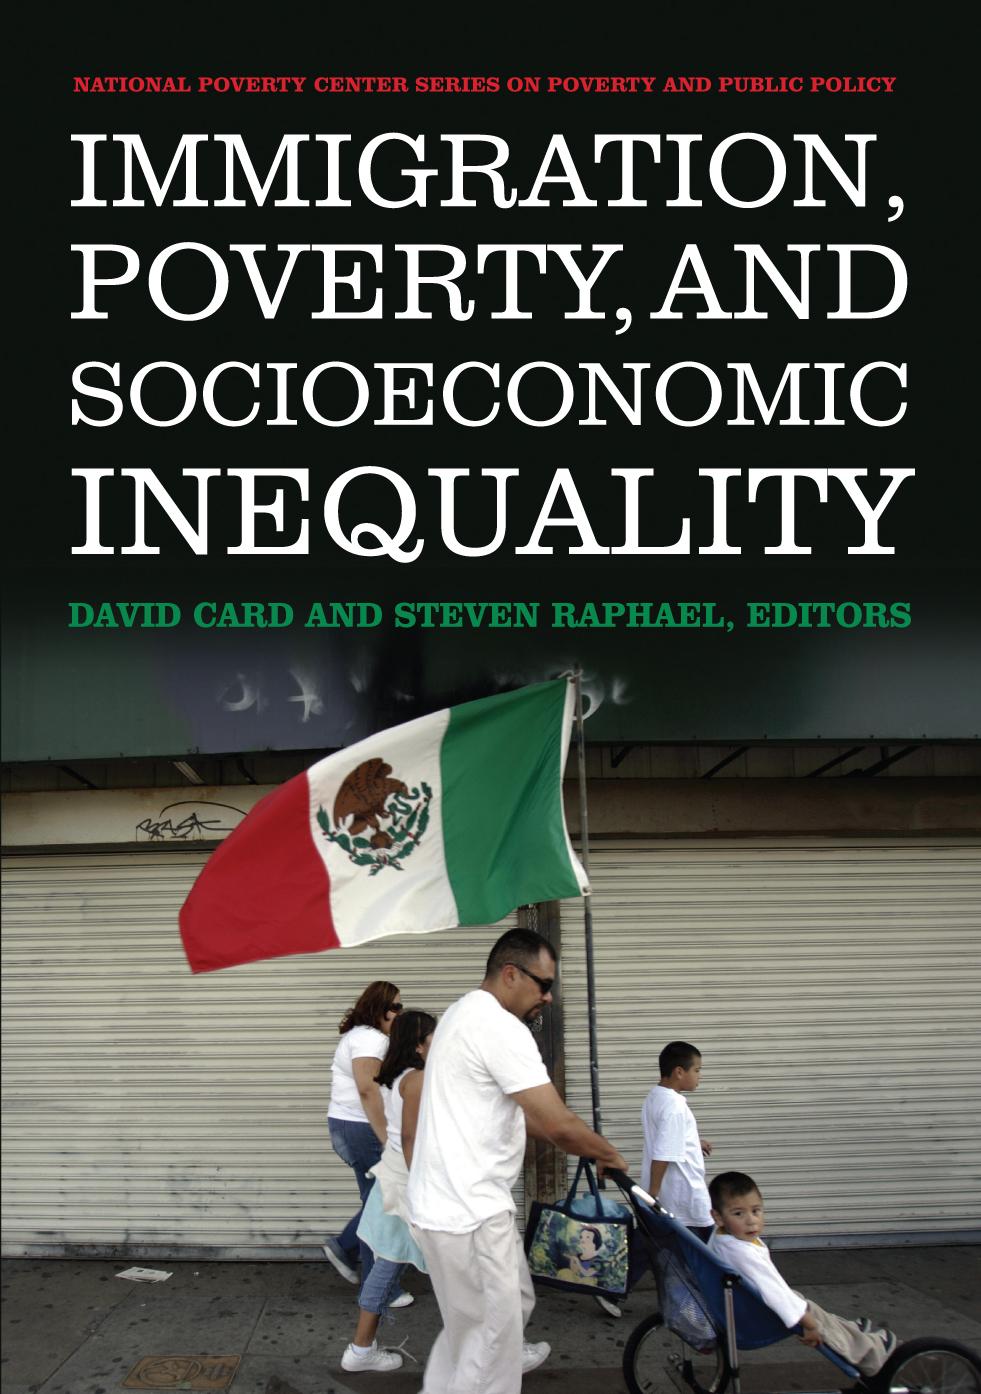 Immigration Poverty And Socioeconomic Inequality